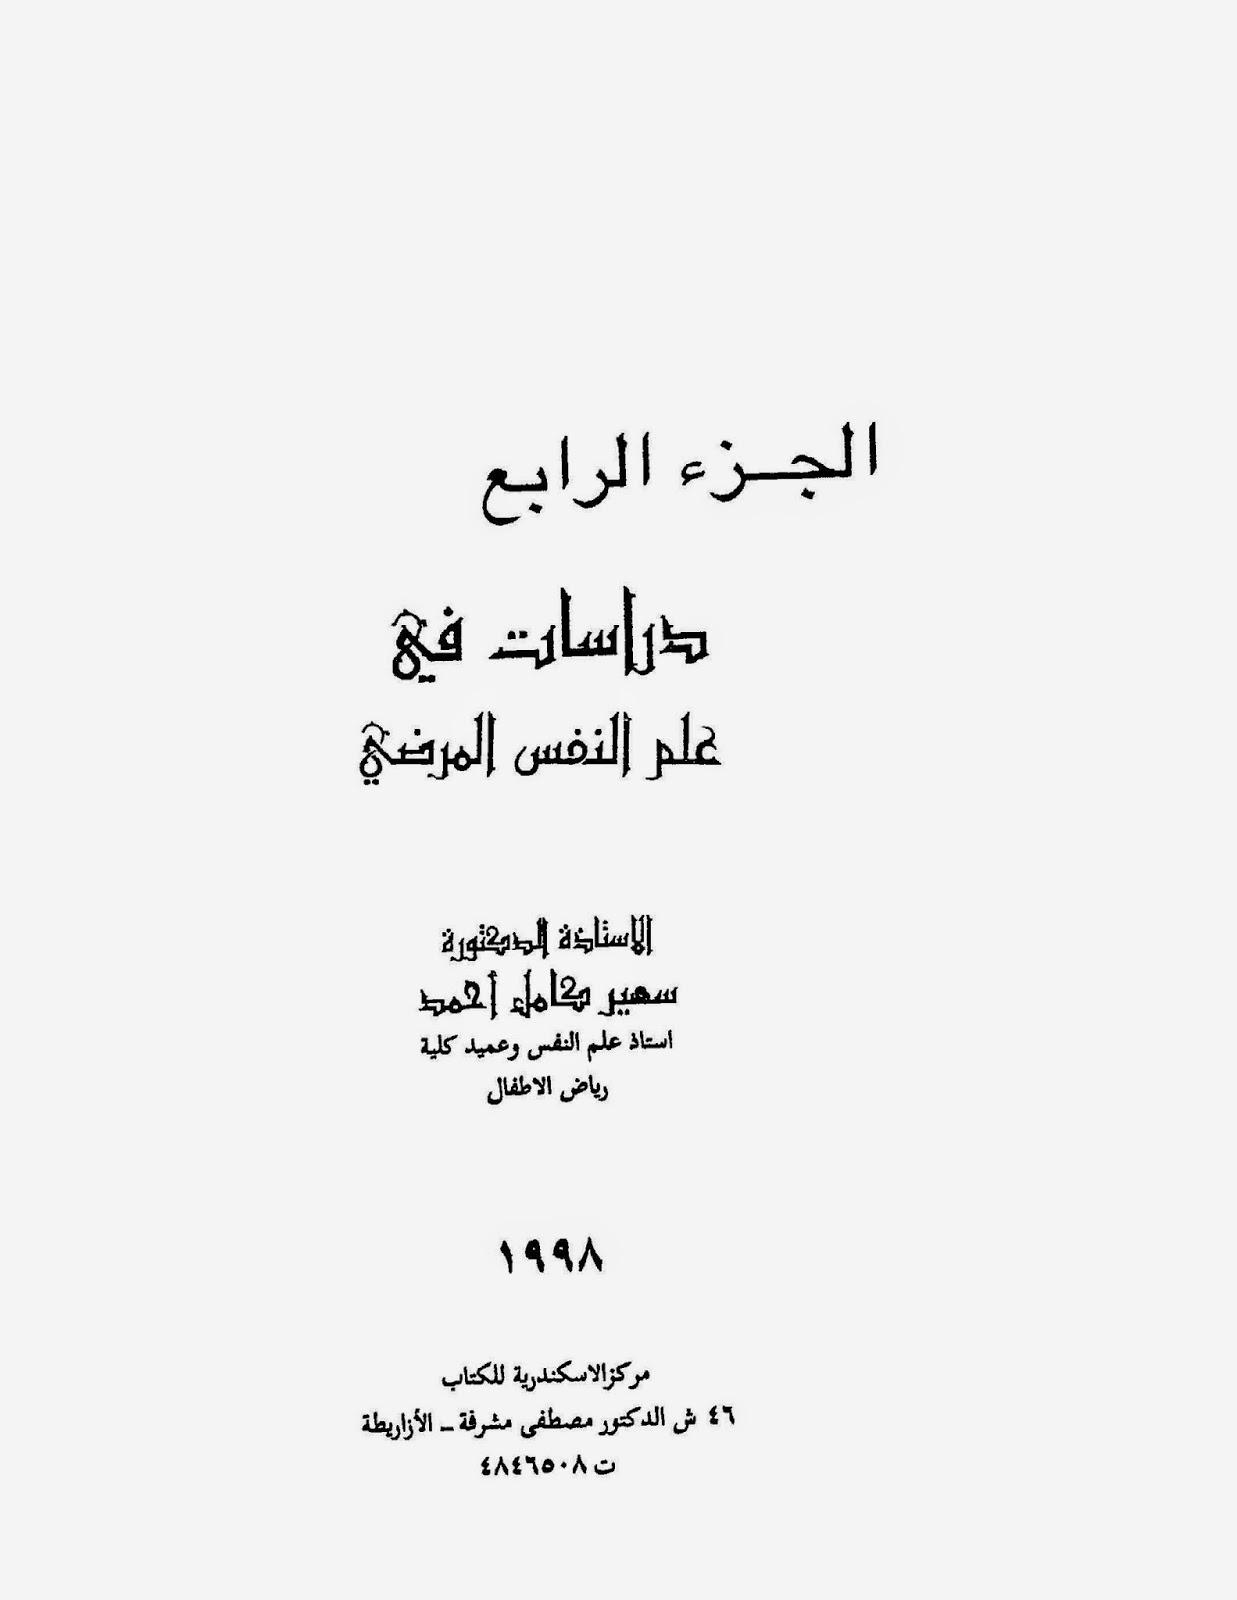 كتاب دراسة في علم النفس المرضي لـ سهير كامل أحمد